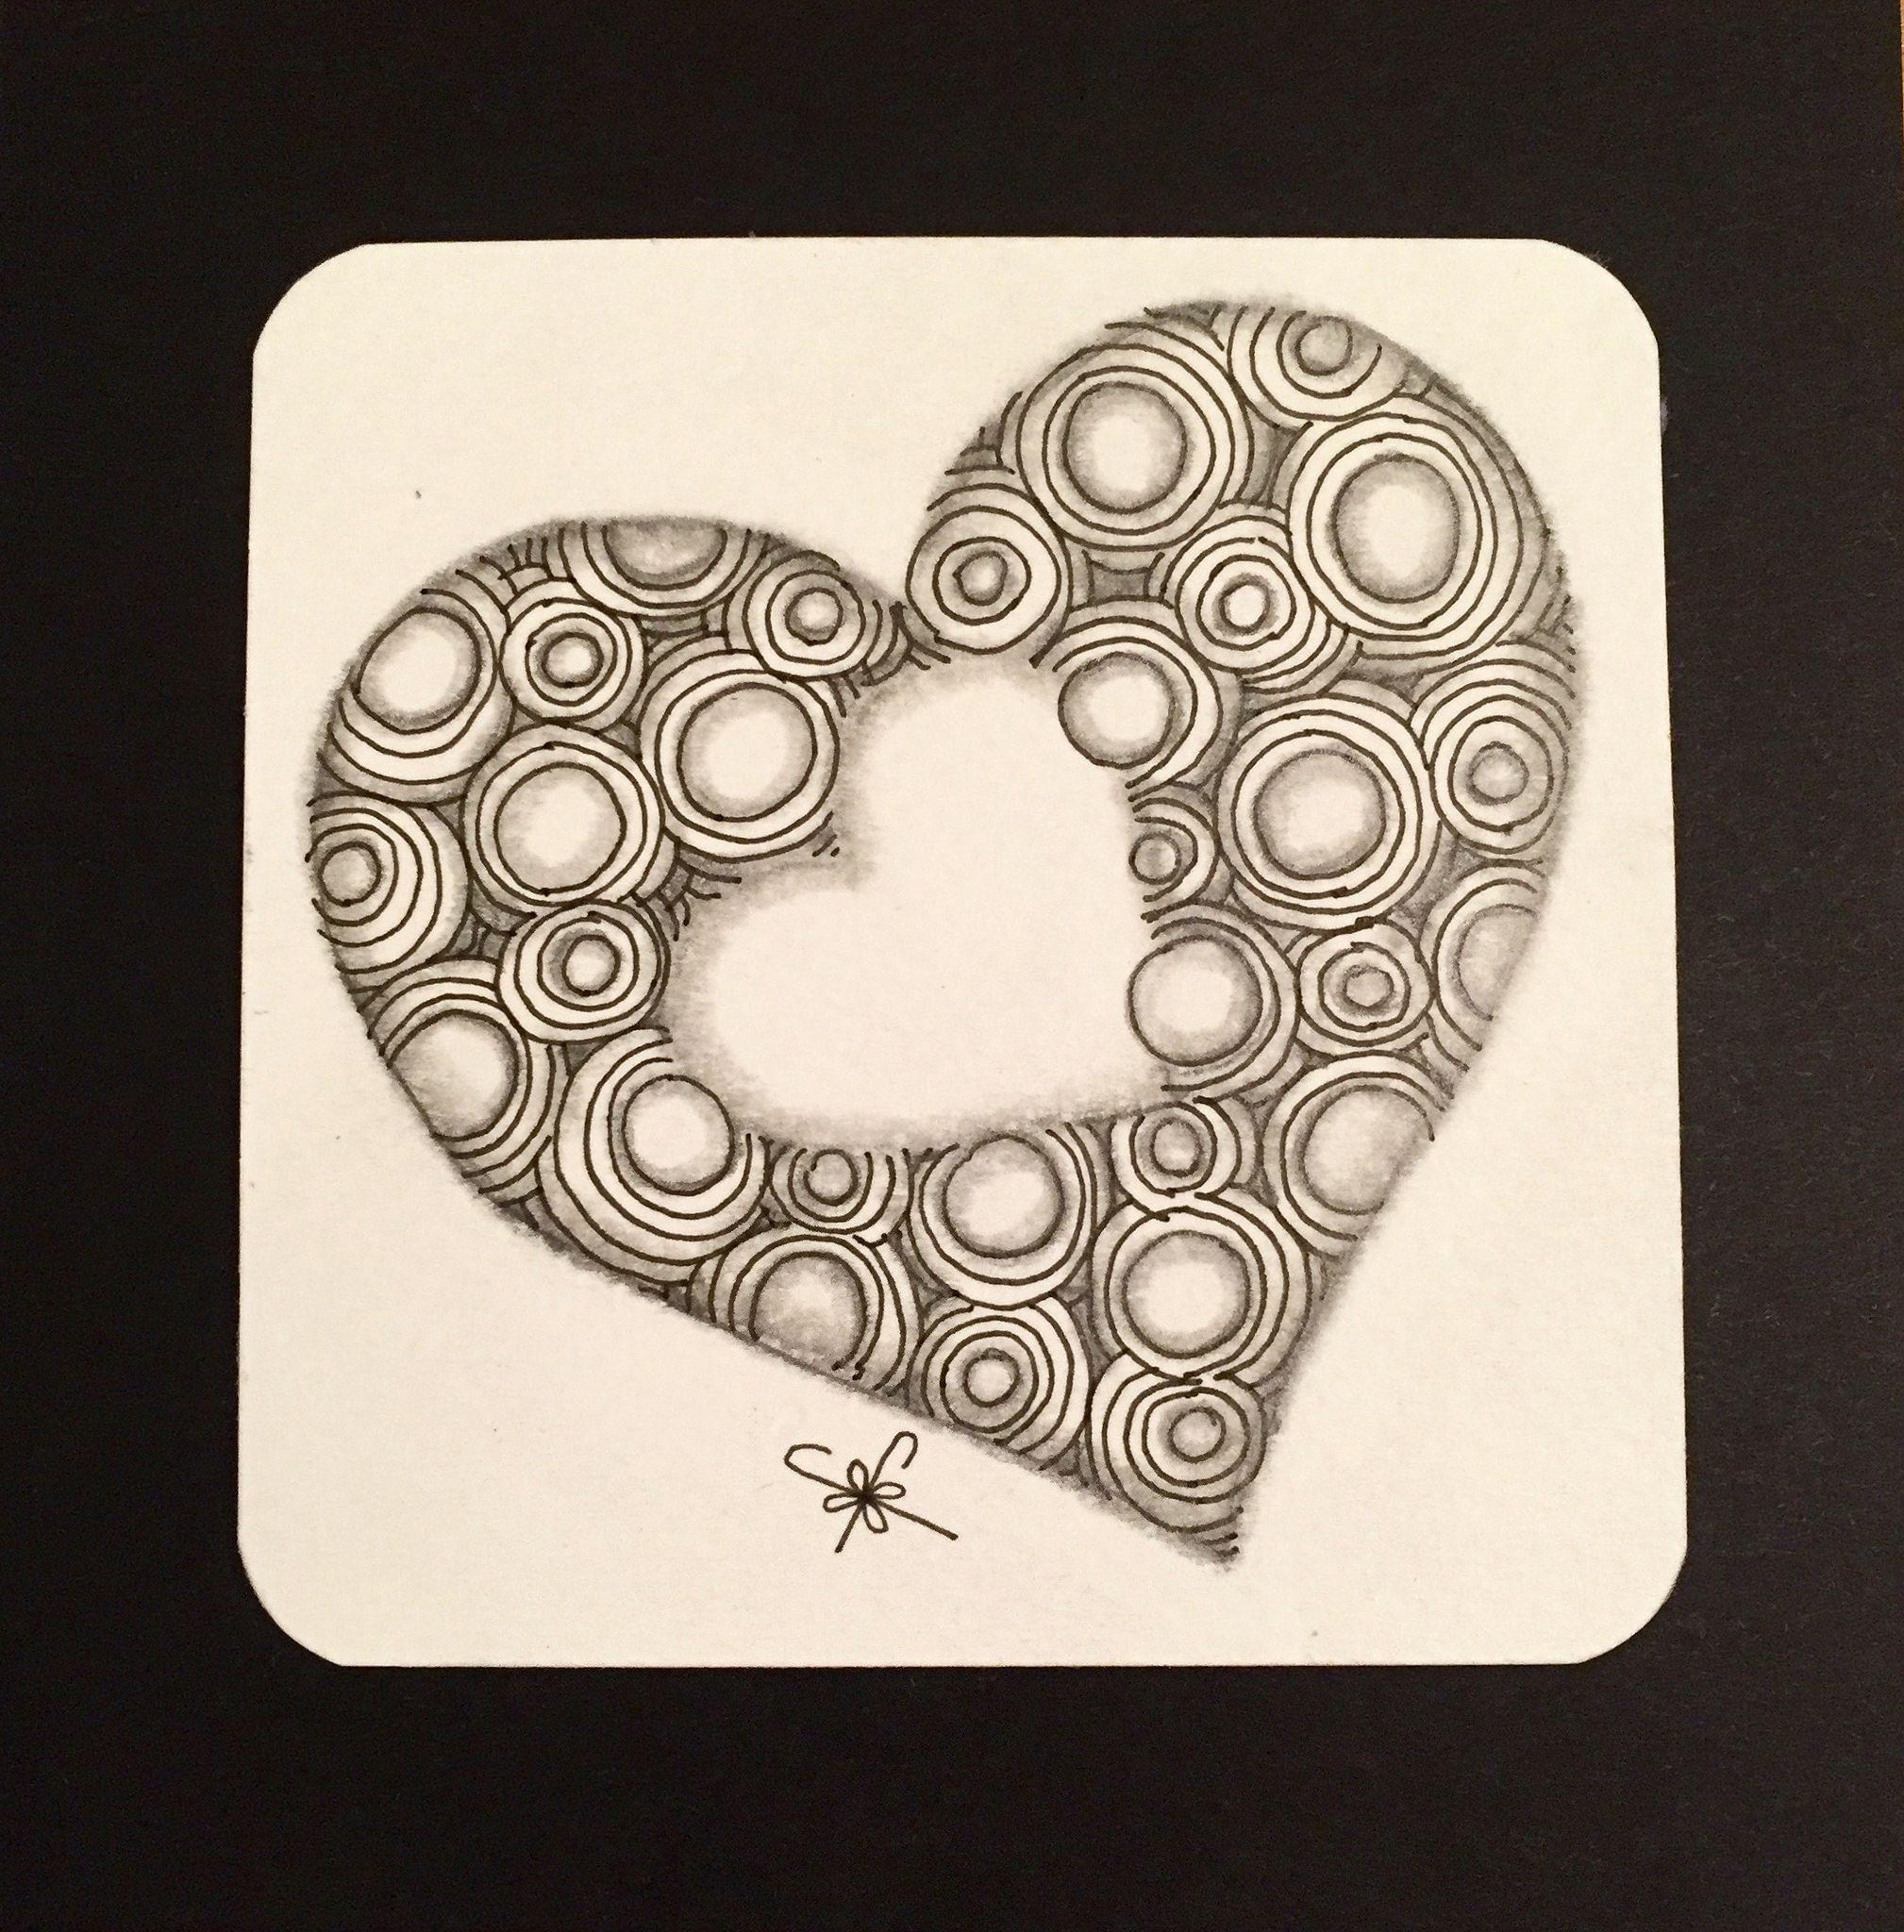 Heart Zentangle Patterns Zentangle Drawings Doodles Zentangles